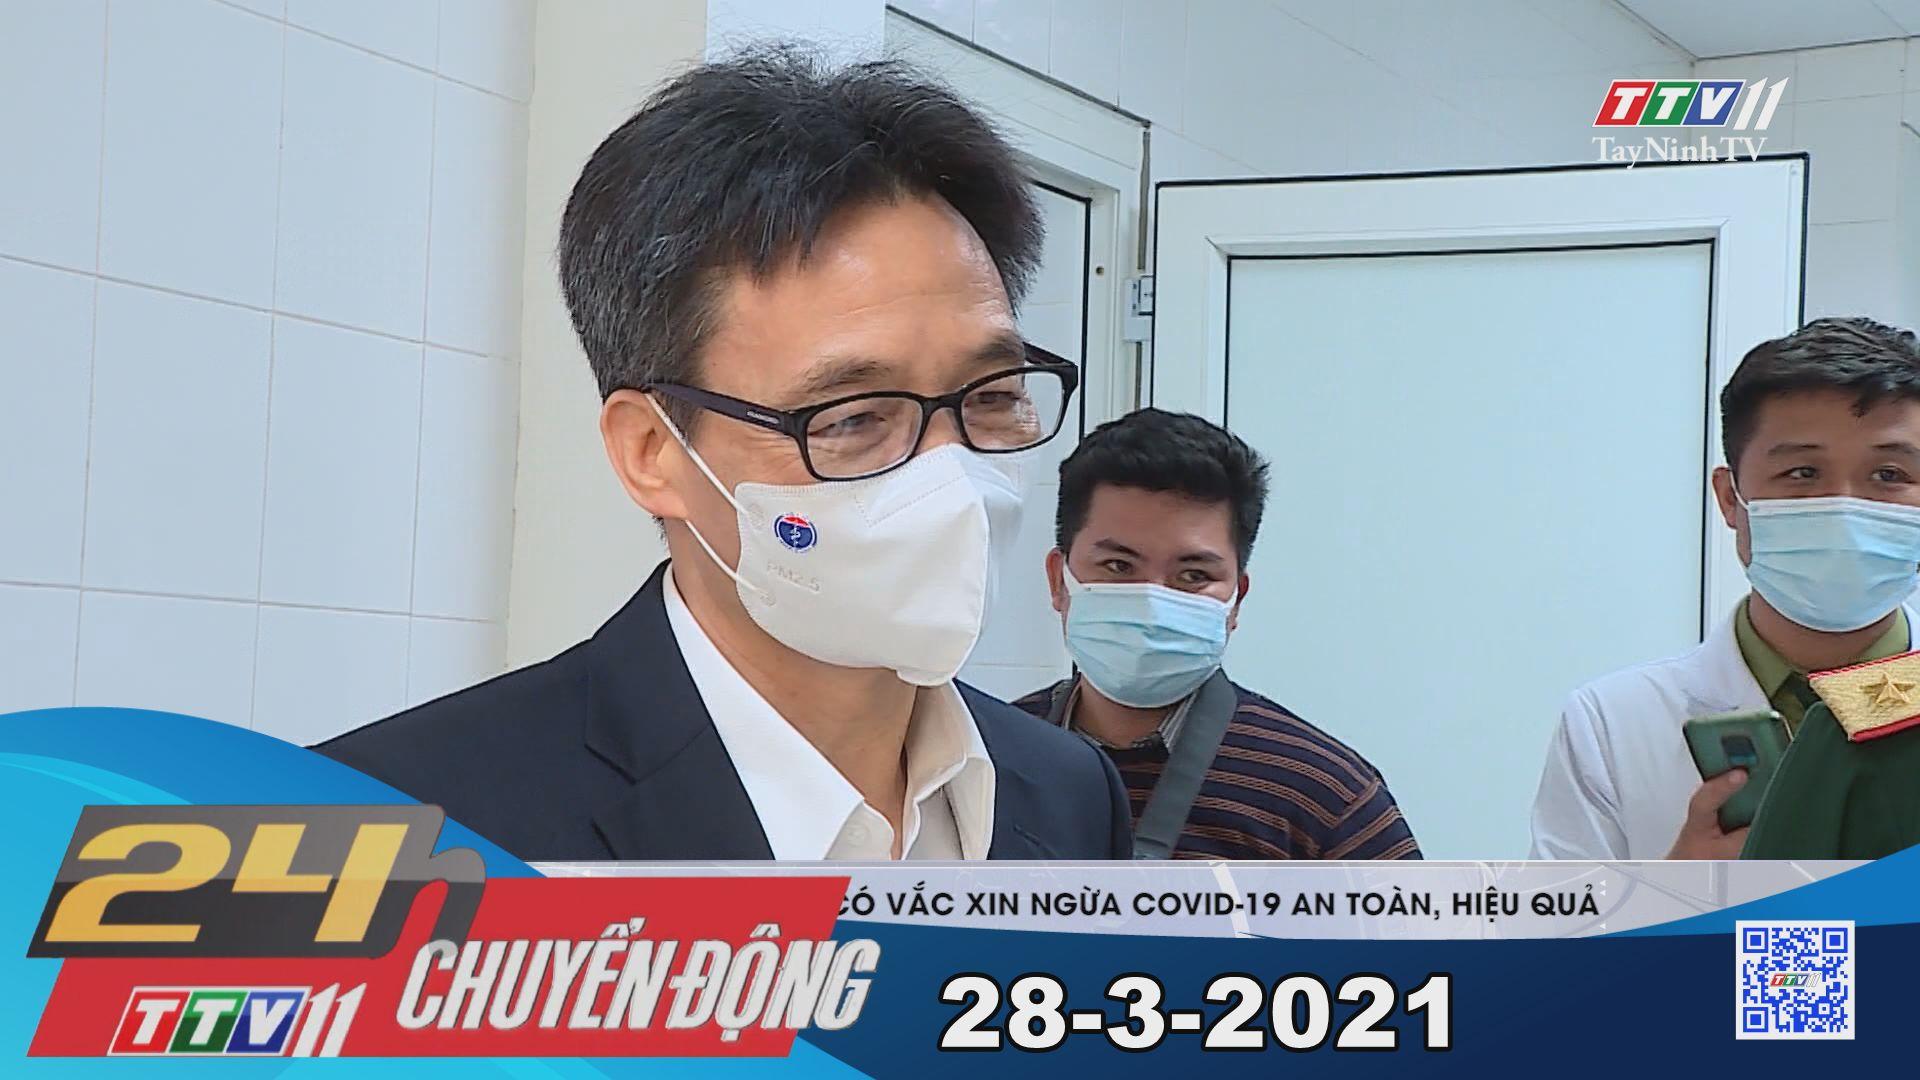 24h Chuyển động 28-3-2021 | Tin tức hôm nay | TayNinhTV